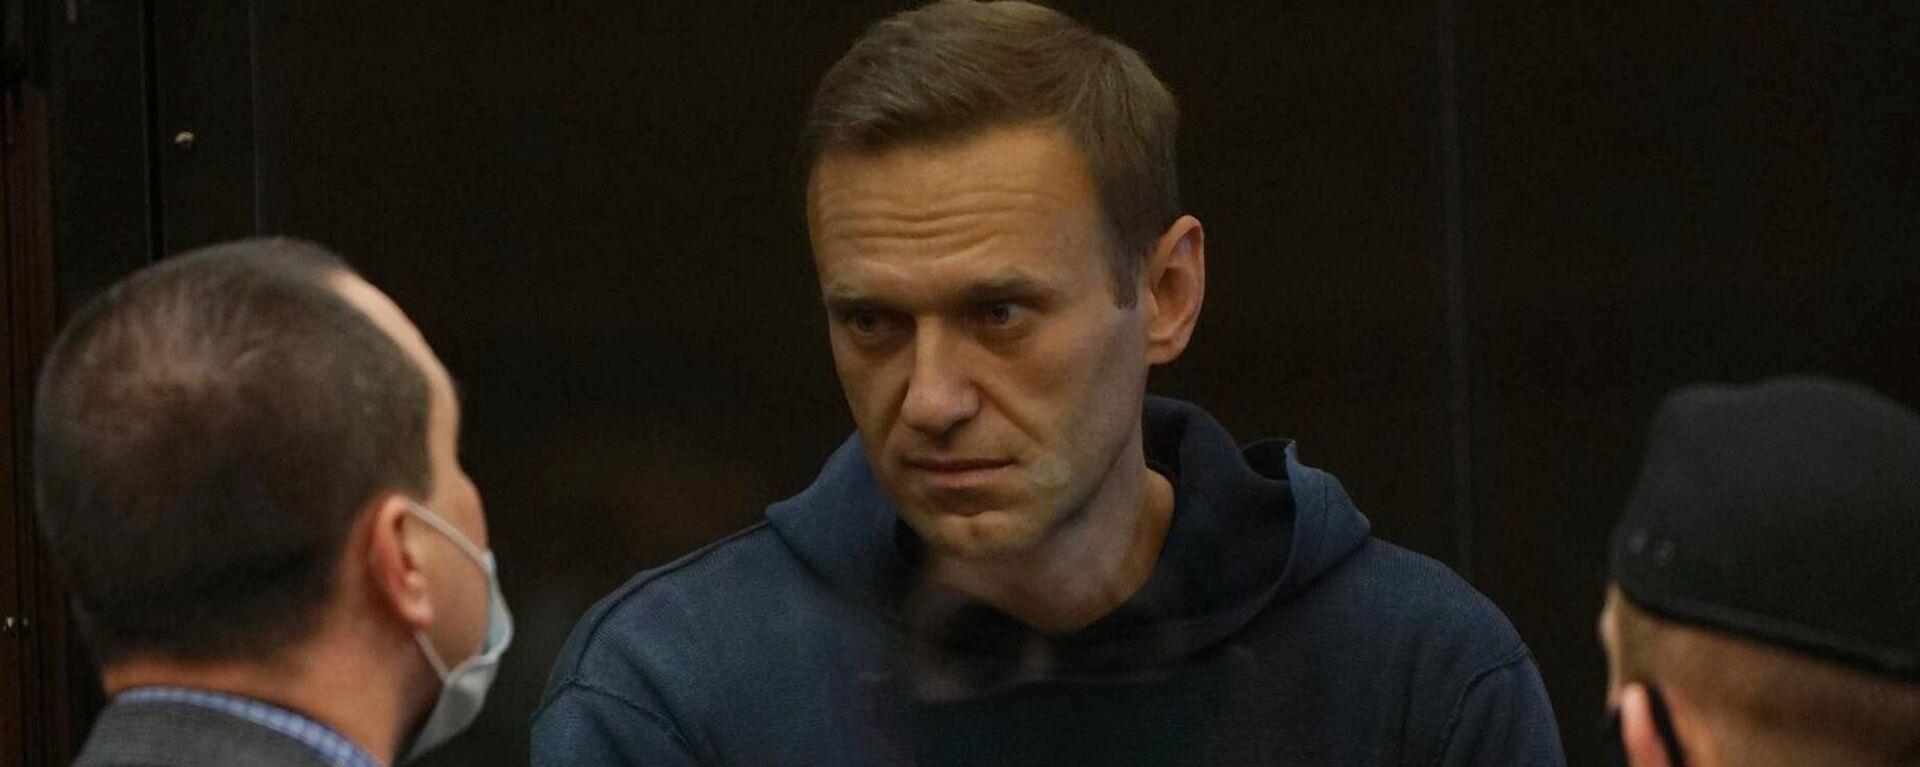 Alexej Nawalny im Moskauer Gericht am 2. Februar 2021 - SNA, 1920, 24.02.2021